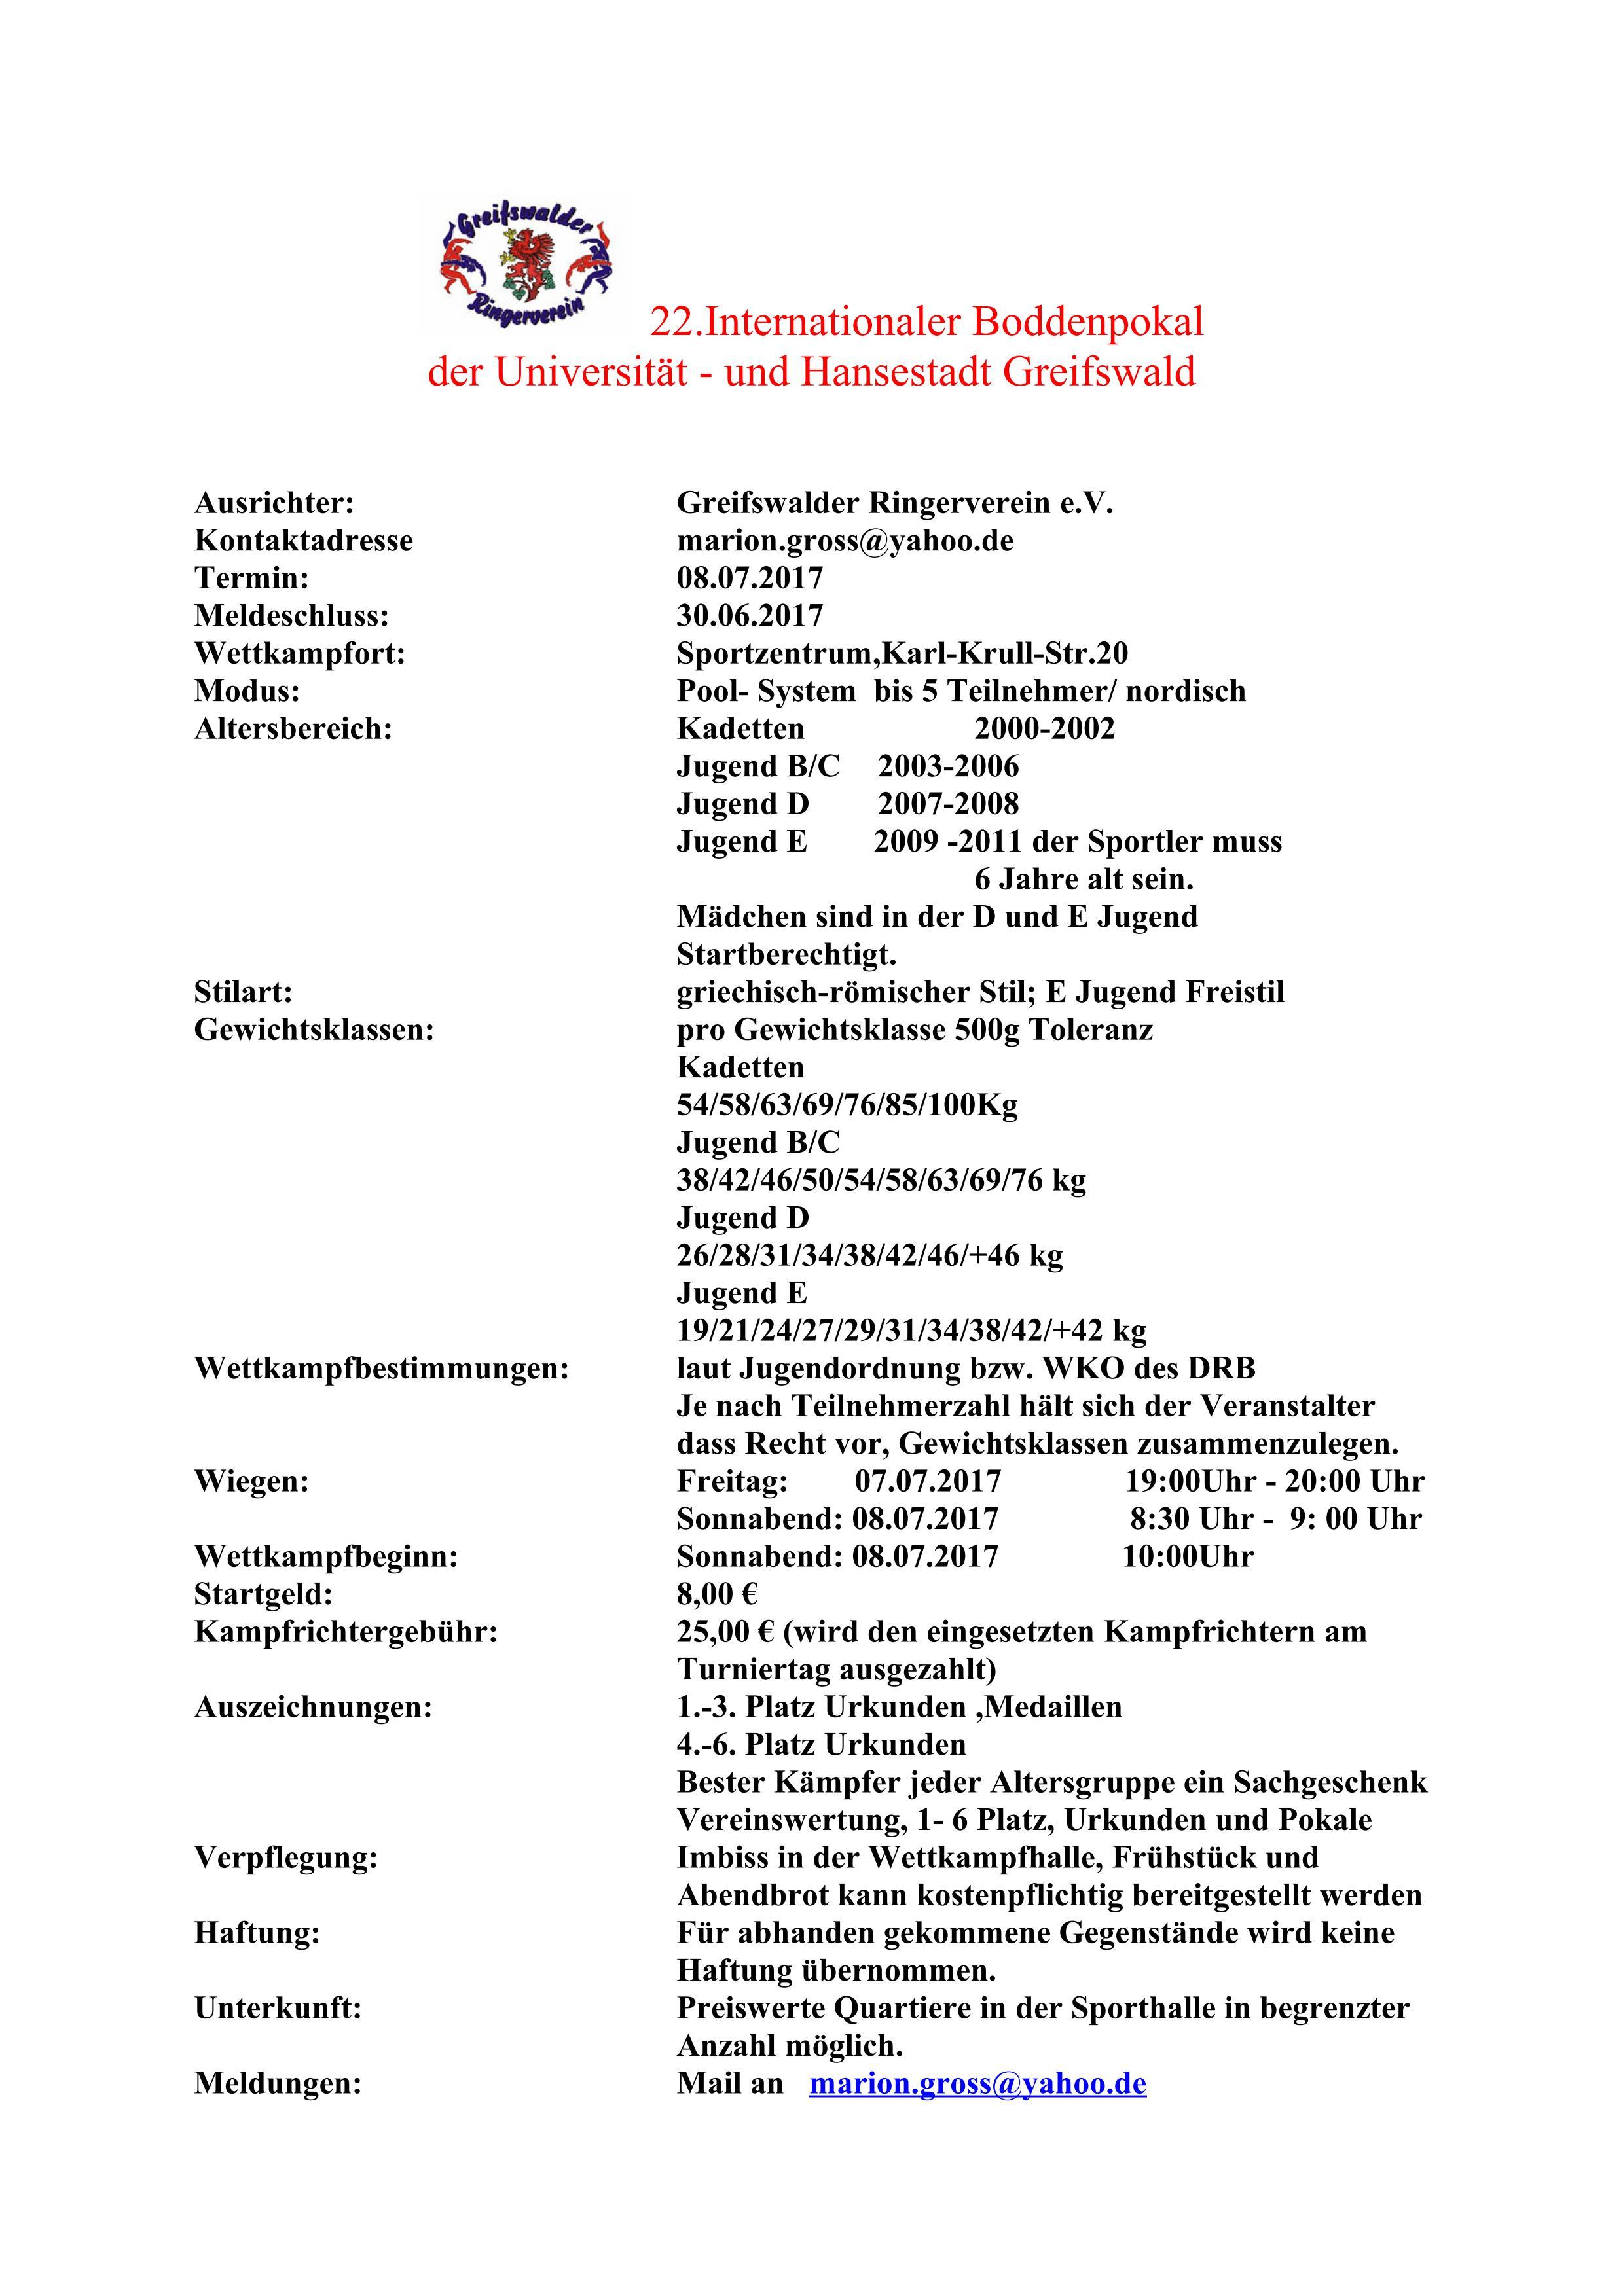 22. Internationaler Boddenpokal der Universität- und Hansestadt Greifswald